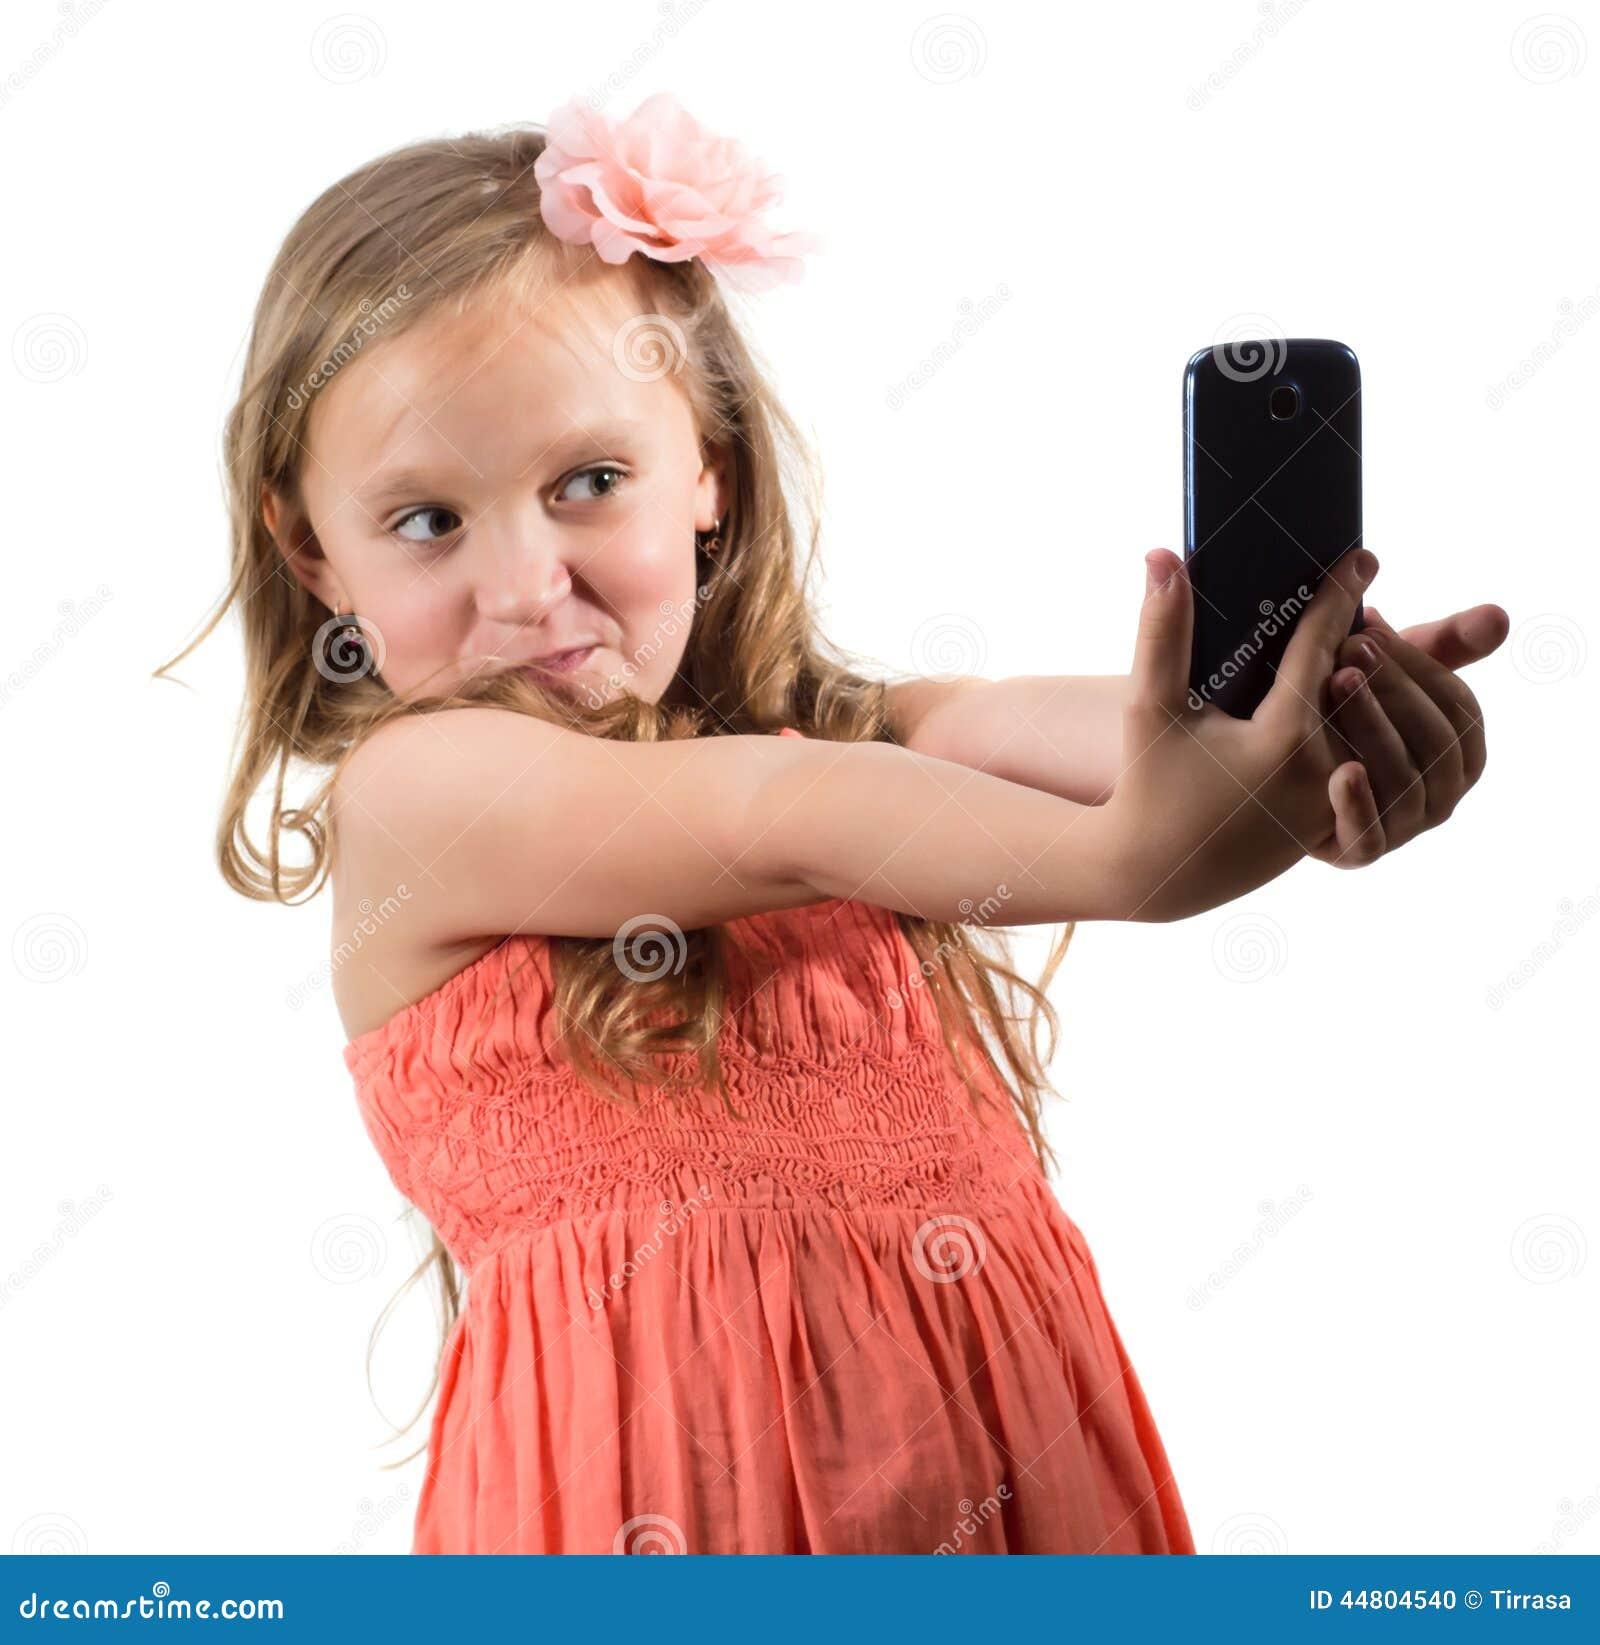 十四小女孩做爰相片_做她的自已的照片小女孩